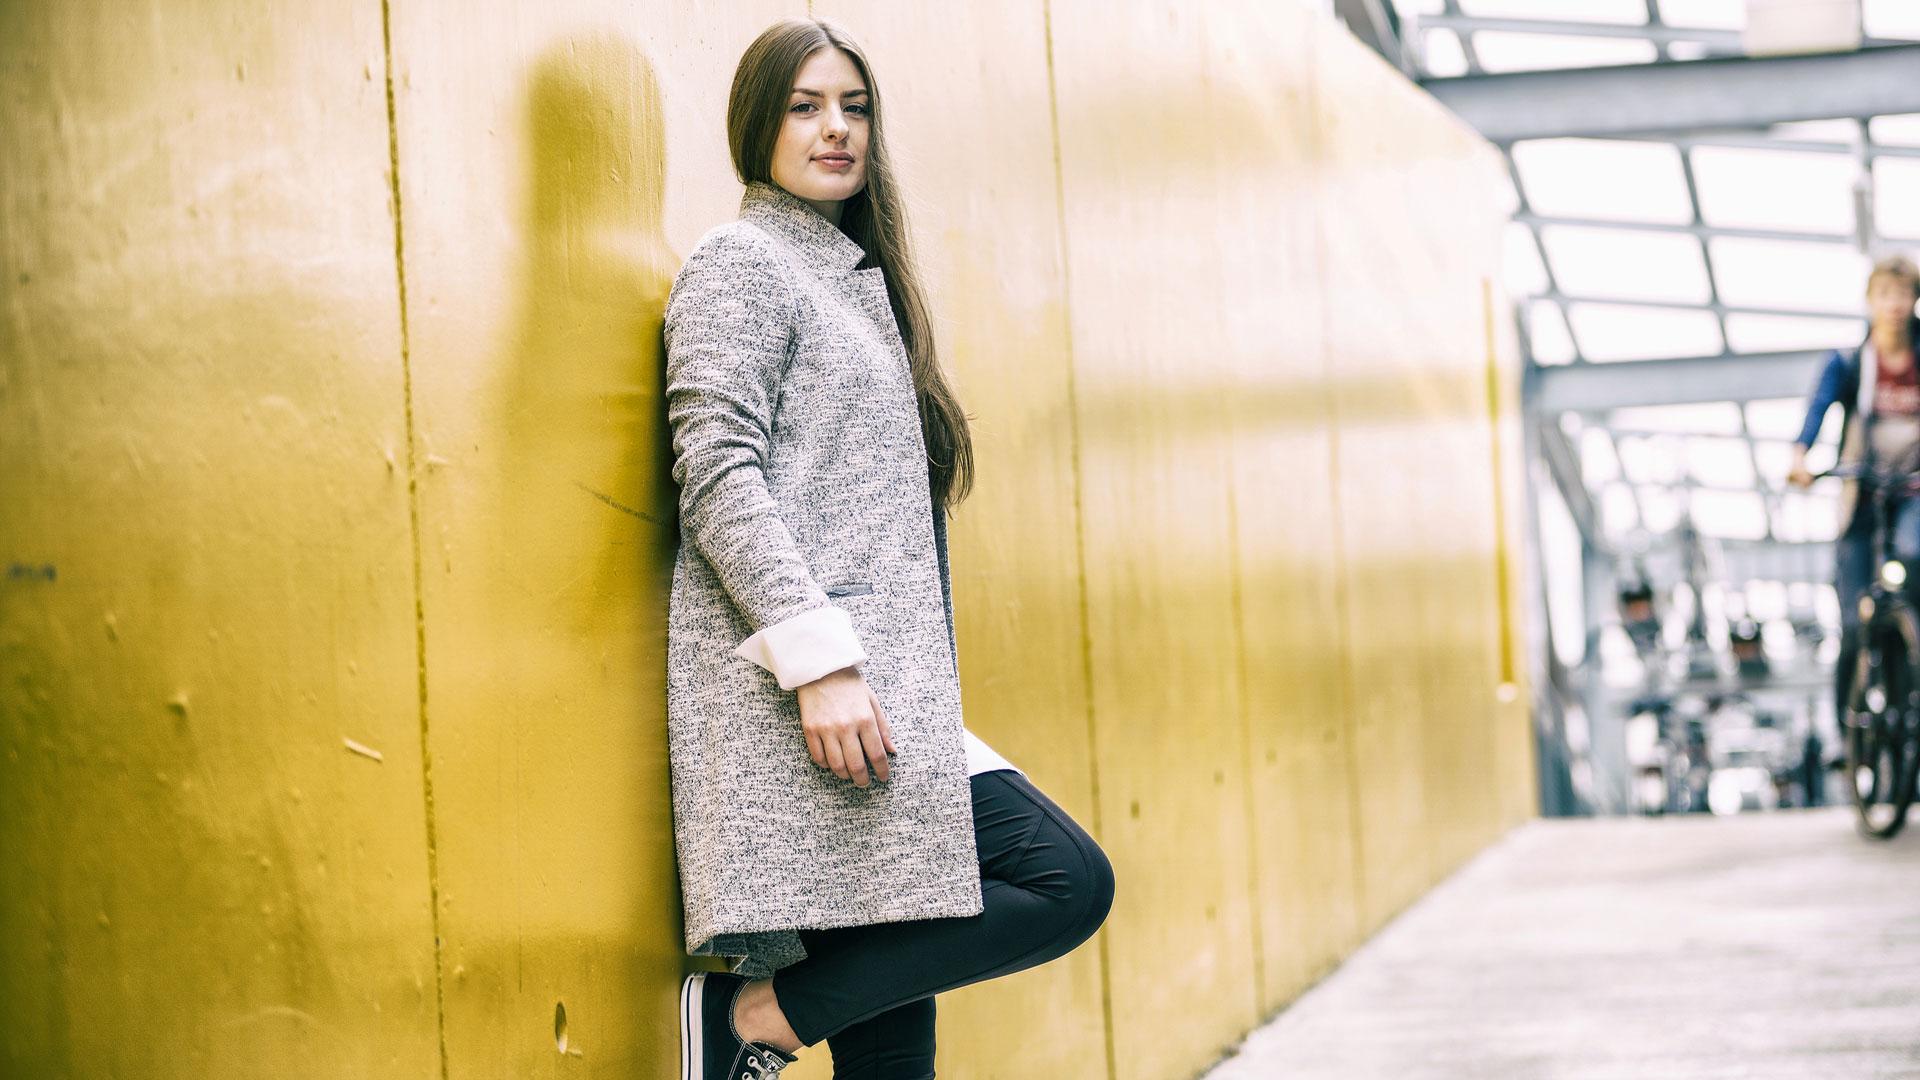 Fashionshooting_Wissing_007